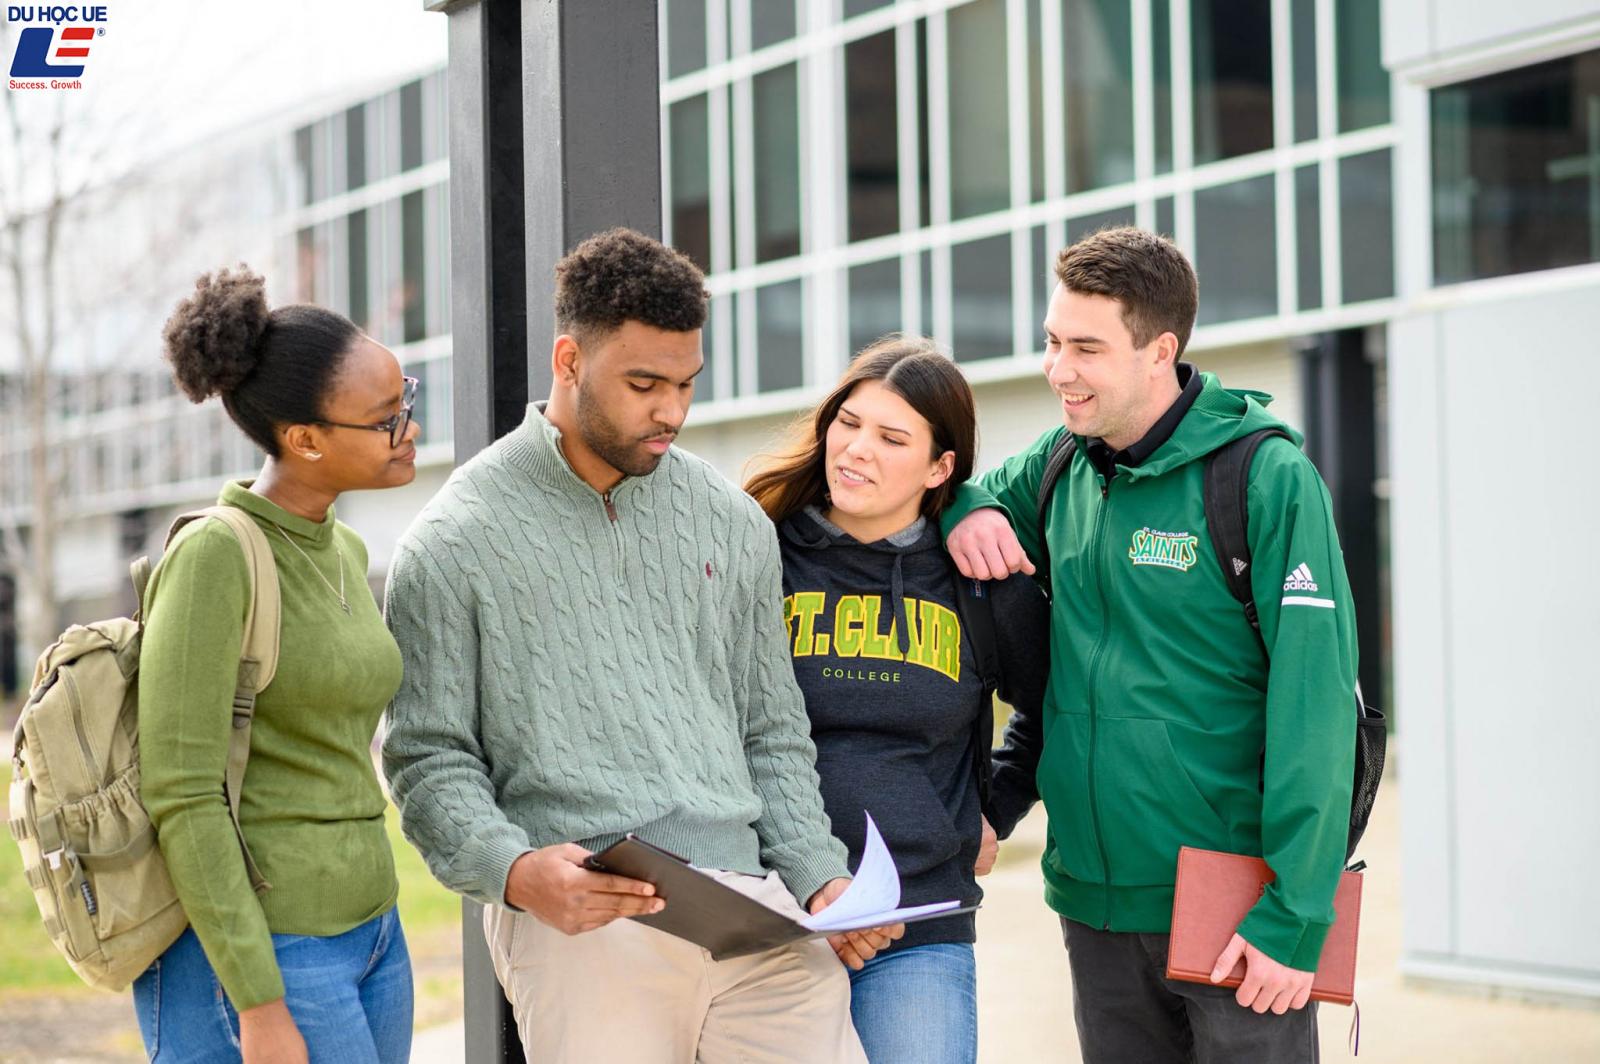 Cùng nhau trải nghiệm và học tập tại St. Clair College - Môi trường học có khí hậu ấm áp tại Canada 4